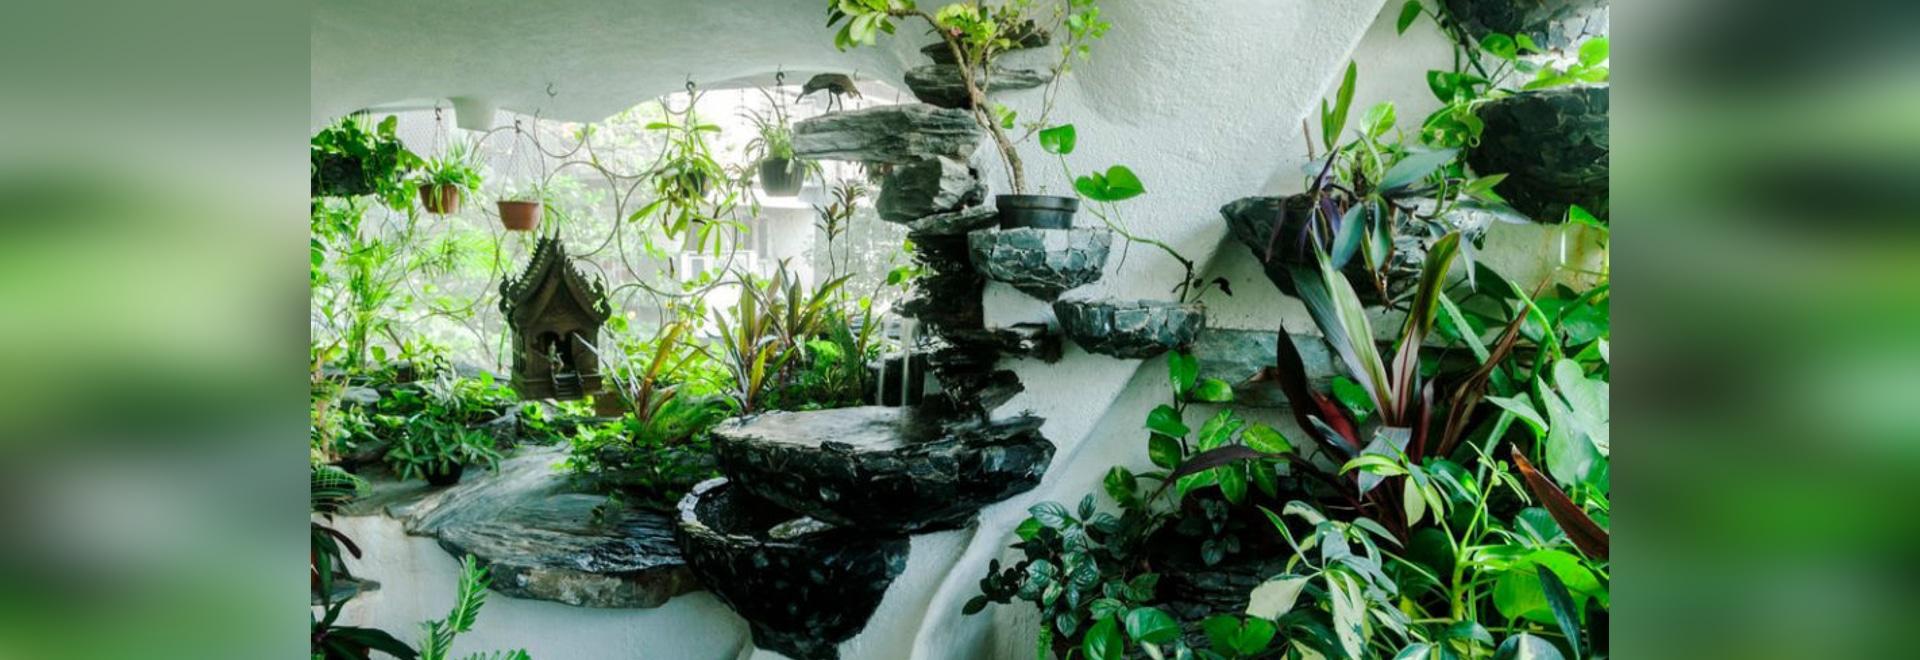 Sala de Jardín: Transformando un apartamento urbano de Mumbai en un exuberante oasis